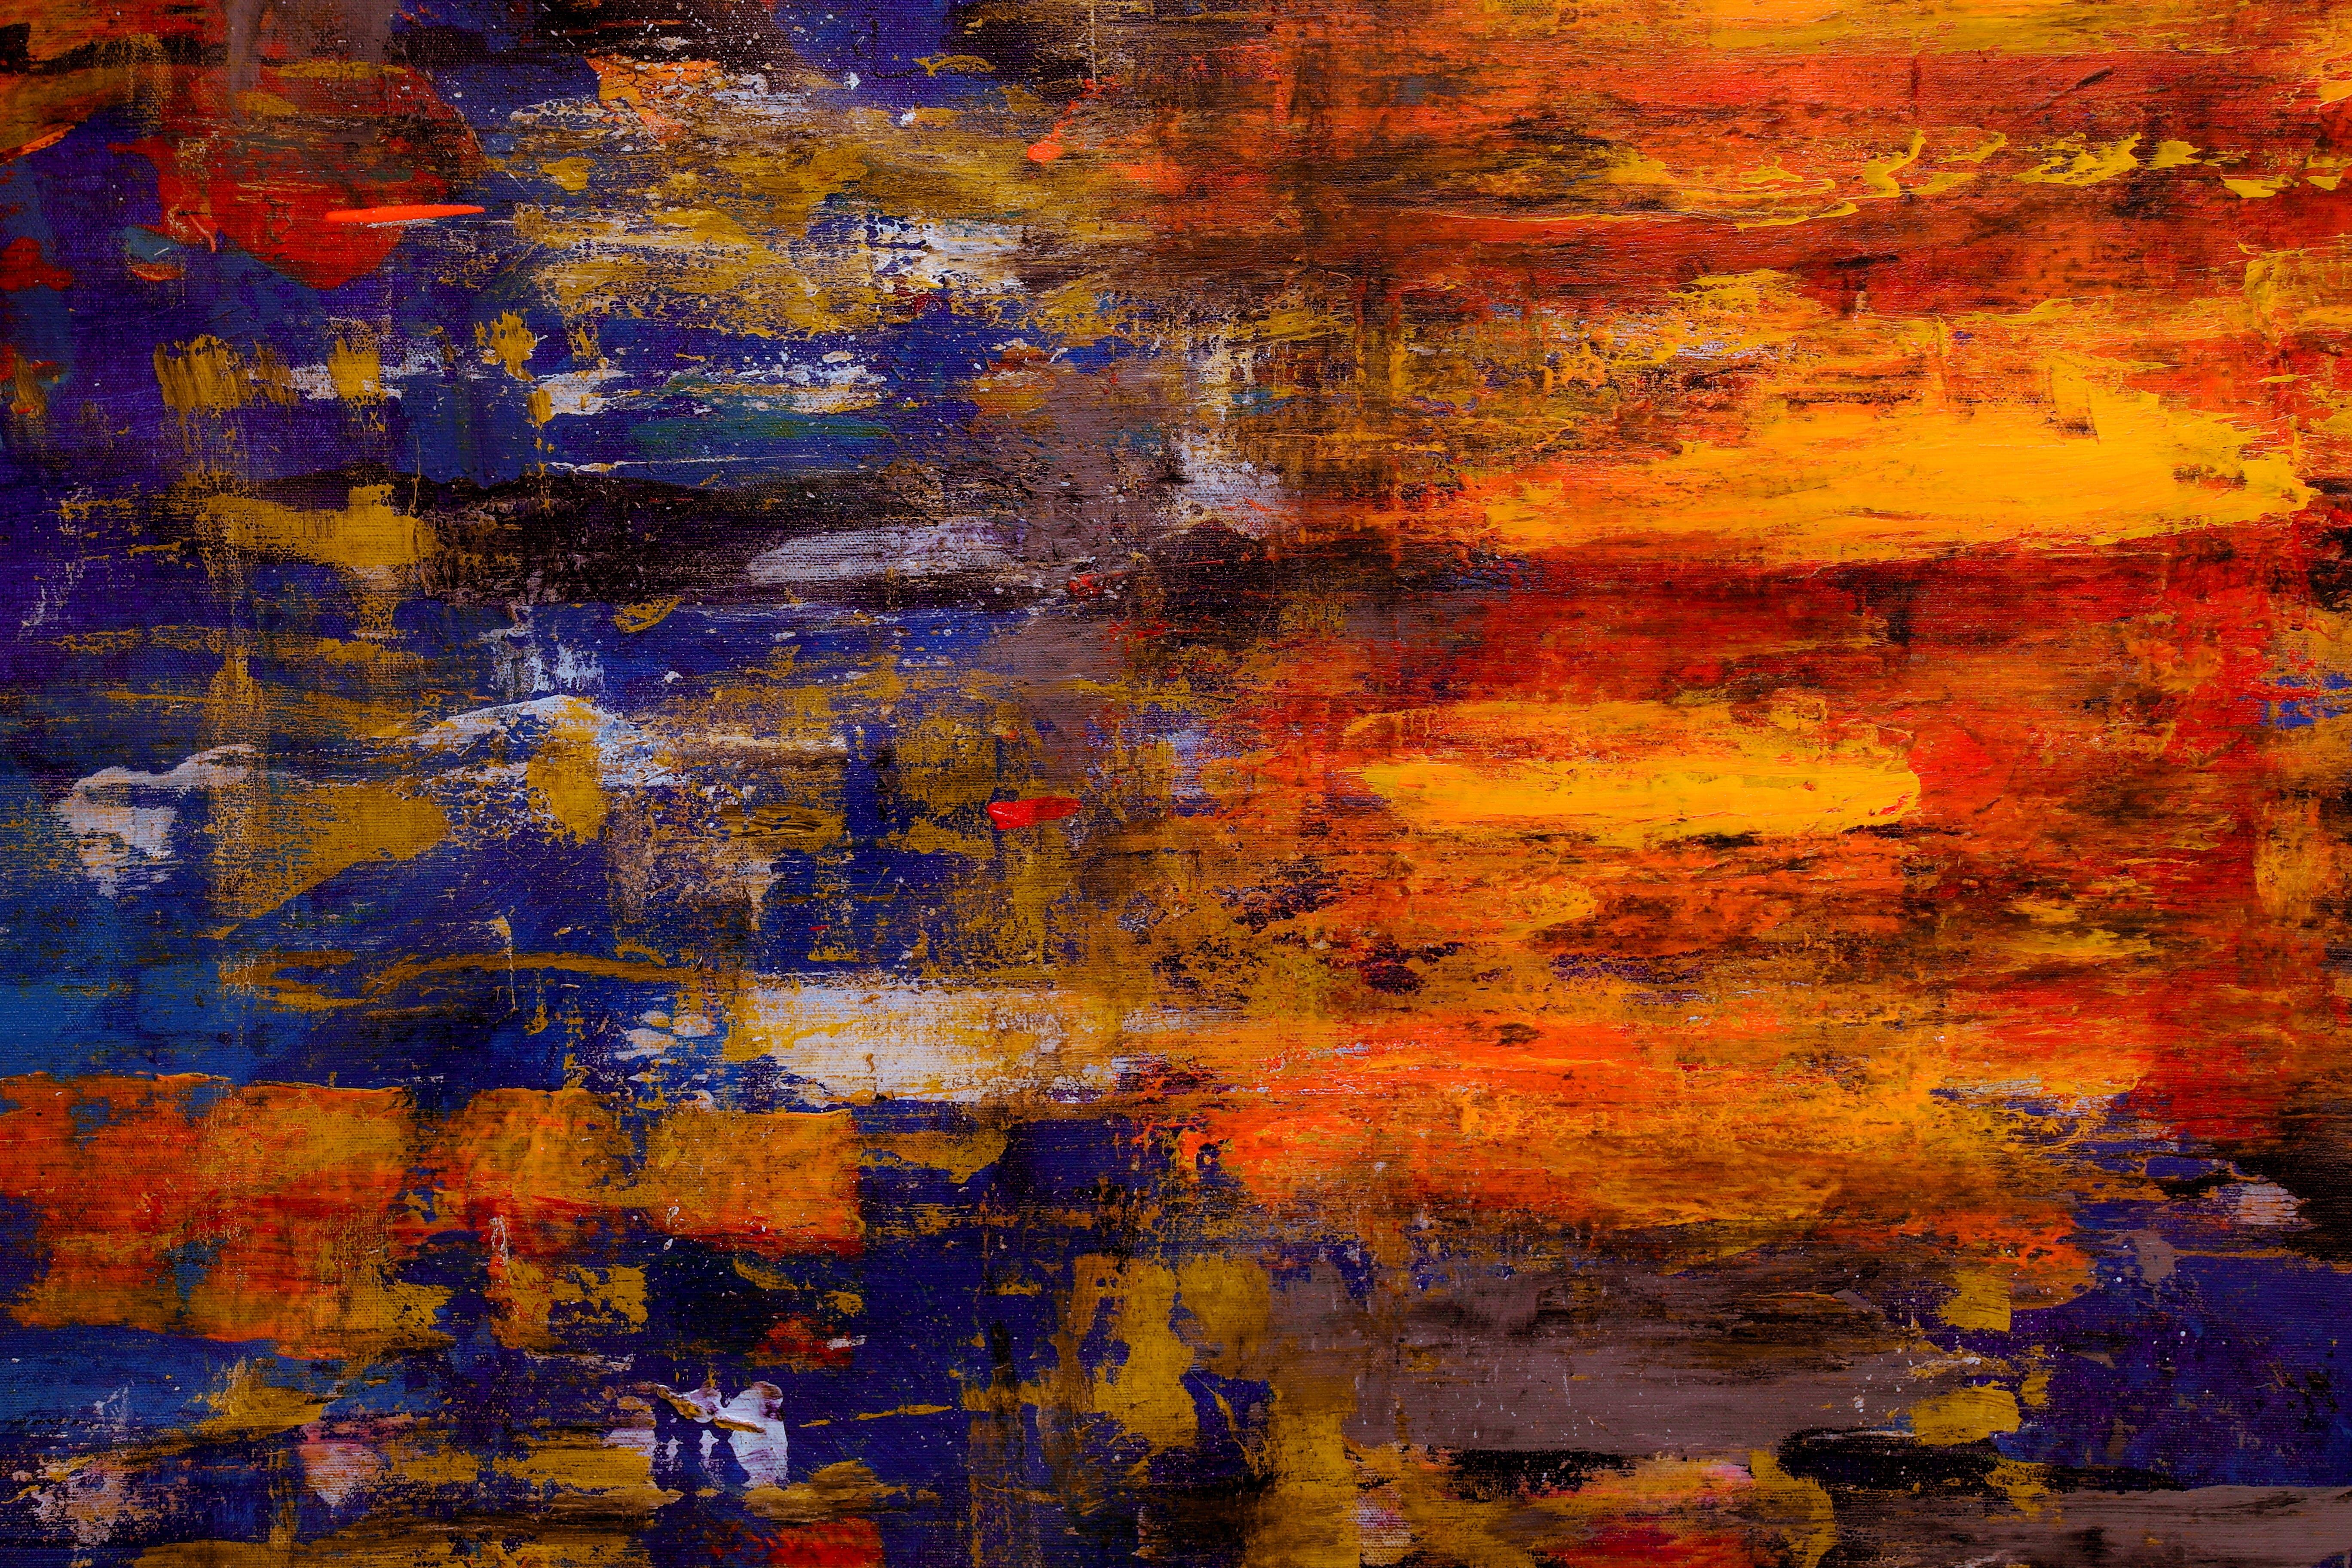 그림, 다채로운, 디자인, 바탕화면의 무료 스톡 사진